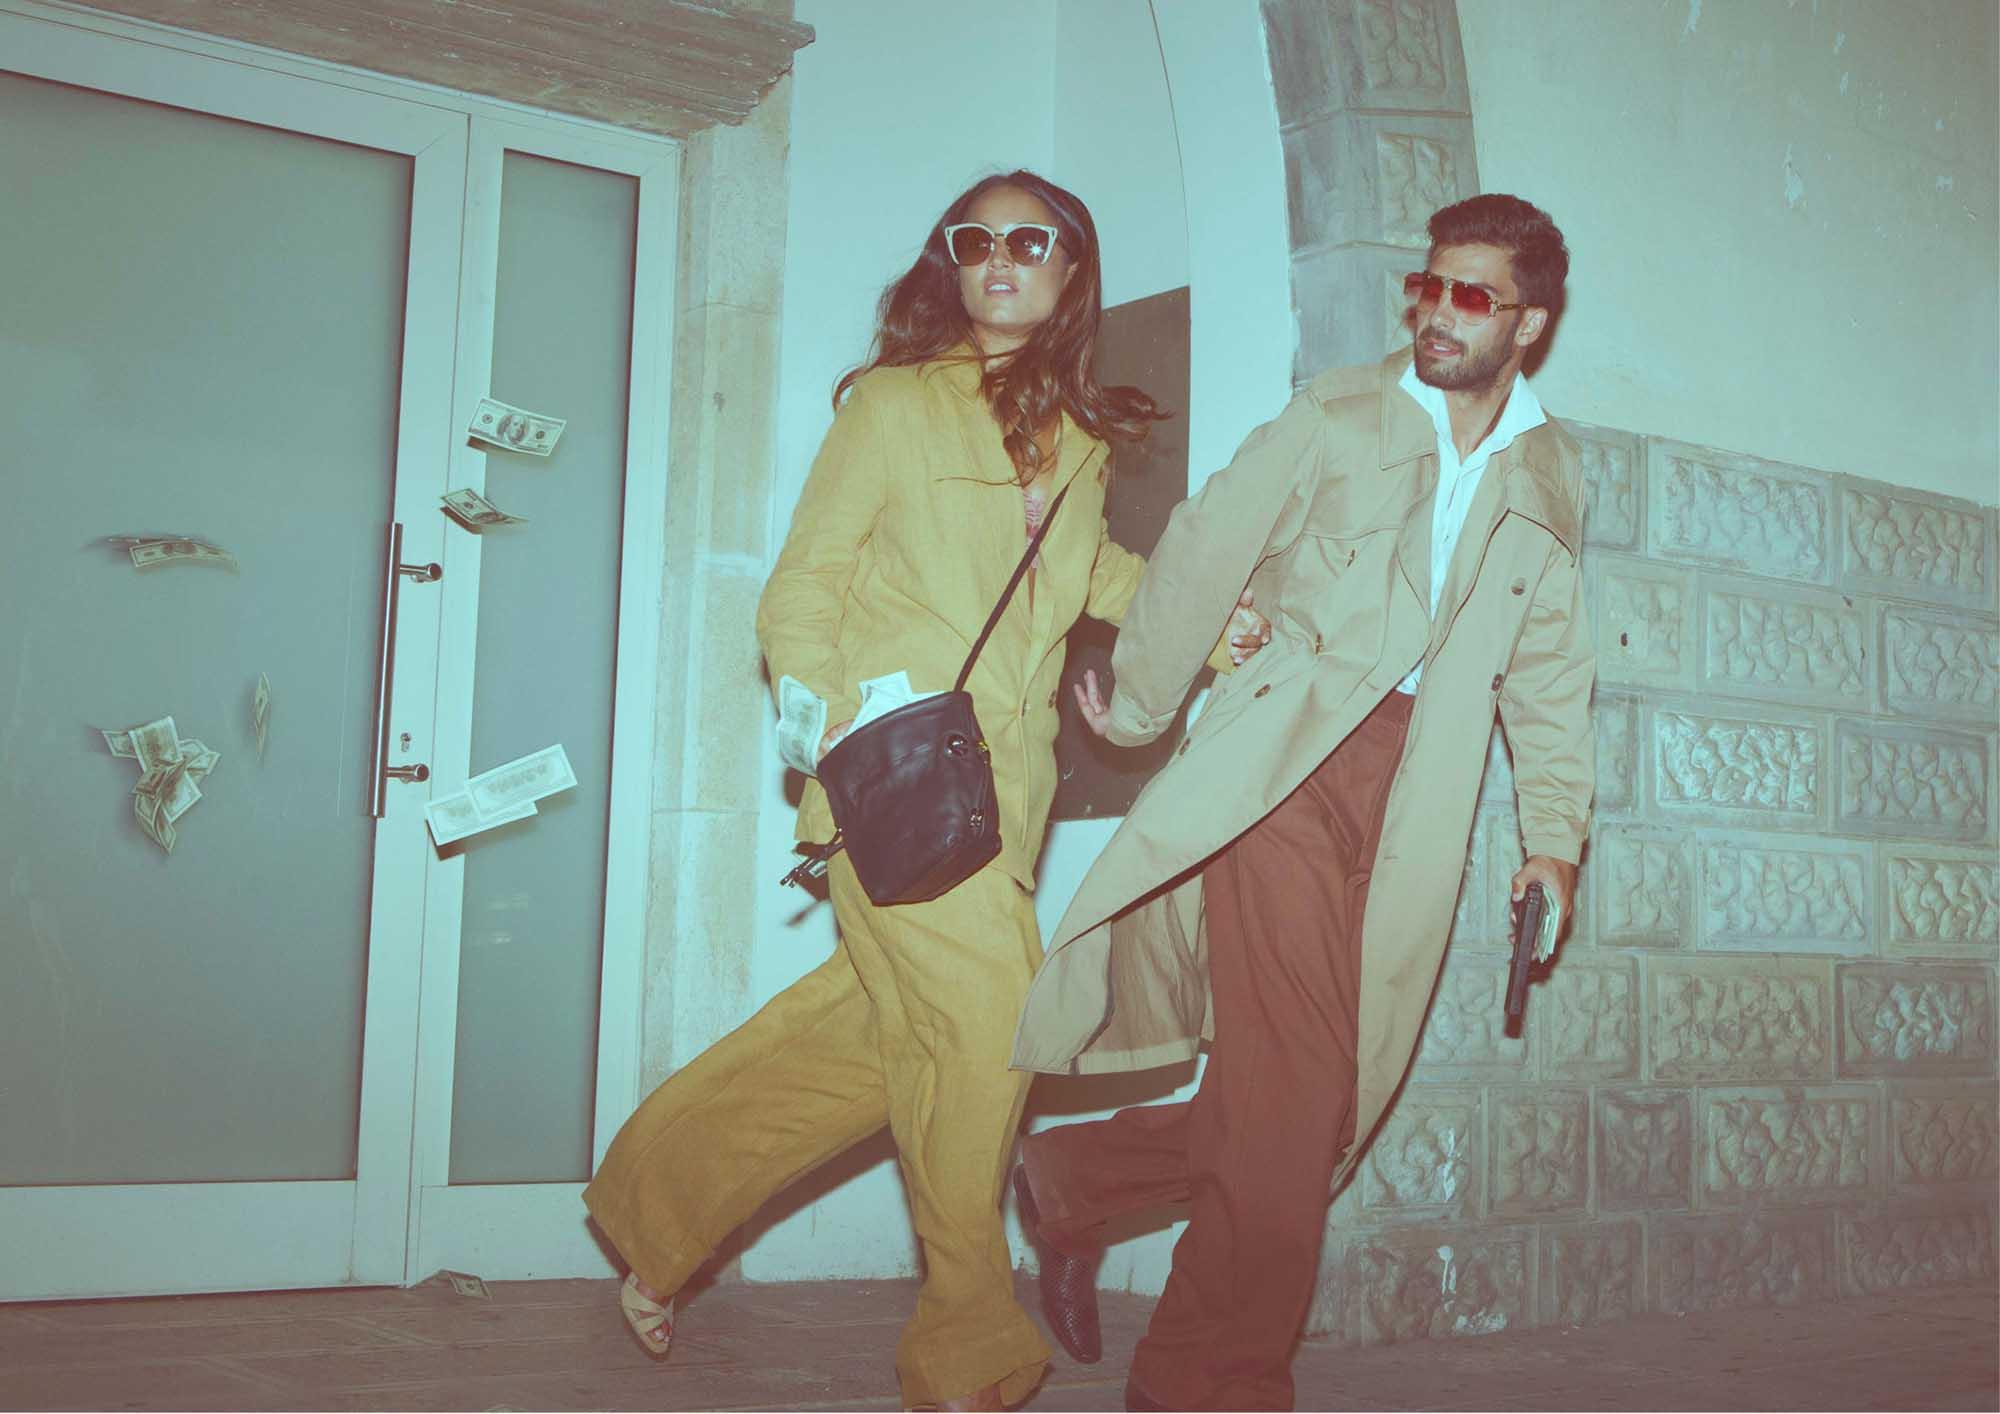 יובל - חולצה H&M, מכנסיים: Cos, גקט ונעליים: zara, משקפיים: celine. שאניה - חליפה: H&M, נעליים: mango, משקפיים Prada סטיילינג: אייל חג'בי, צילום: ניל כהן - בית ספר לצילום, רון קדמי, דוגמנים: יובל ביטון - סוכנות ״אלינור שחר״, שאניה הדר - סוכנות Passion Management, איפור: דלית לוי, עיצוב שיער: מירב אבן צור2- 2020 חדשות אופנה 2020, כתבות אופנה 2020, טרנדים 2020, מגזין אופנה ישראלי, אופנה, Fashion Israel